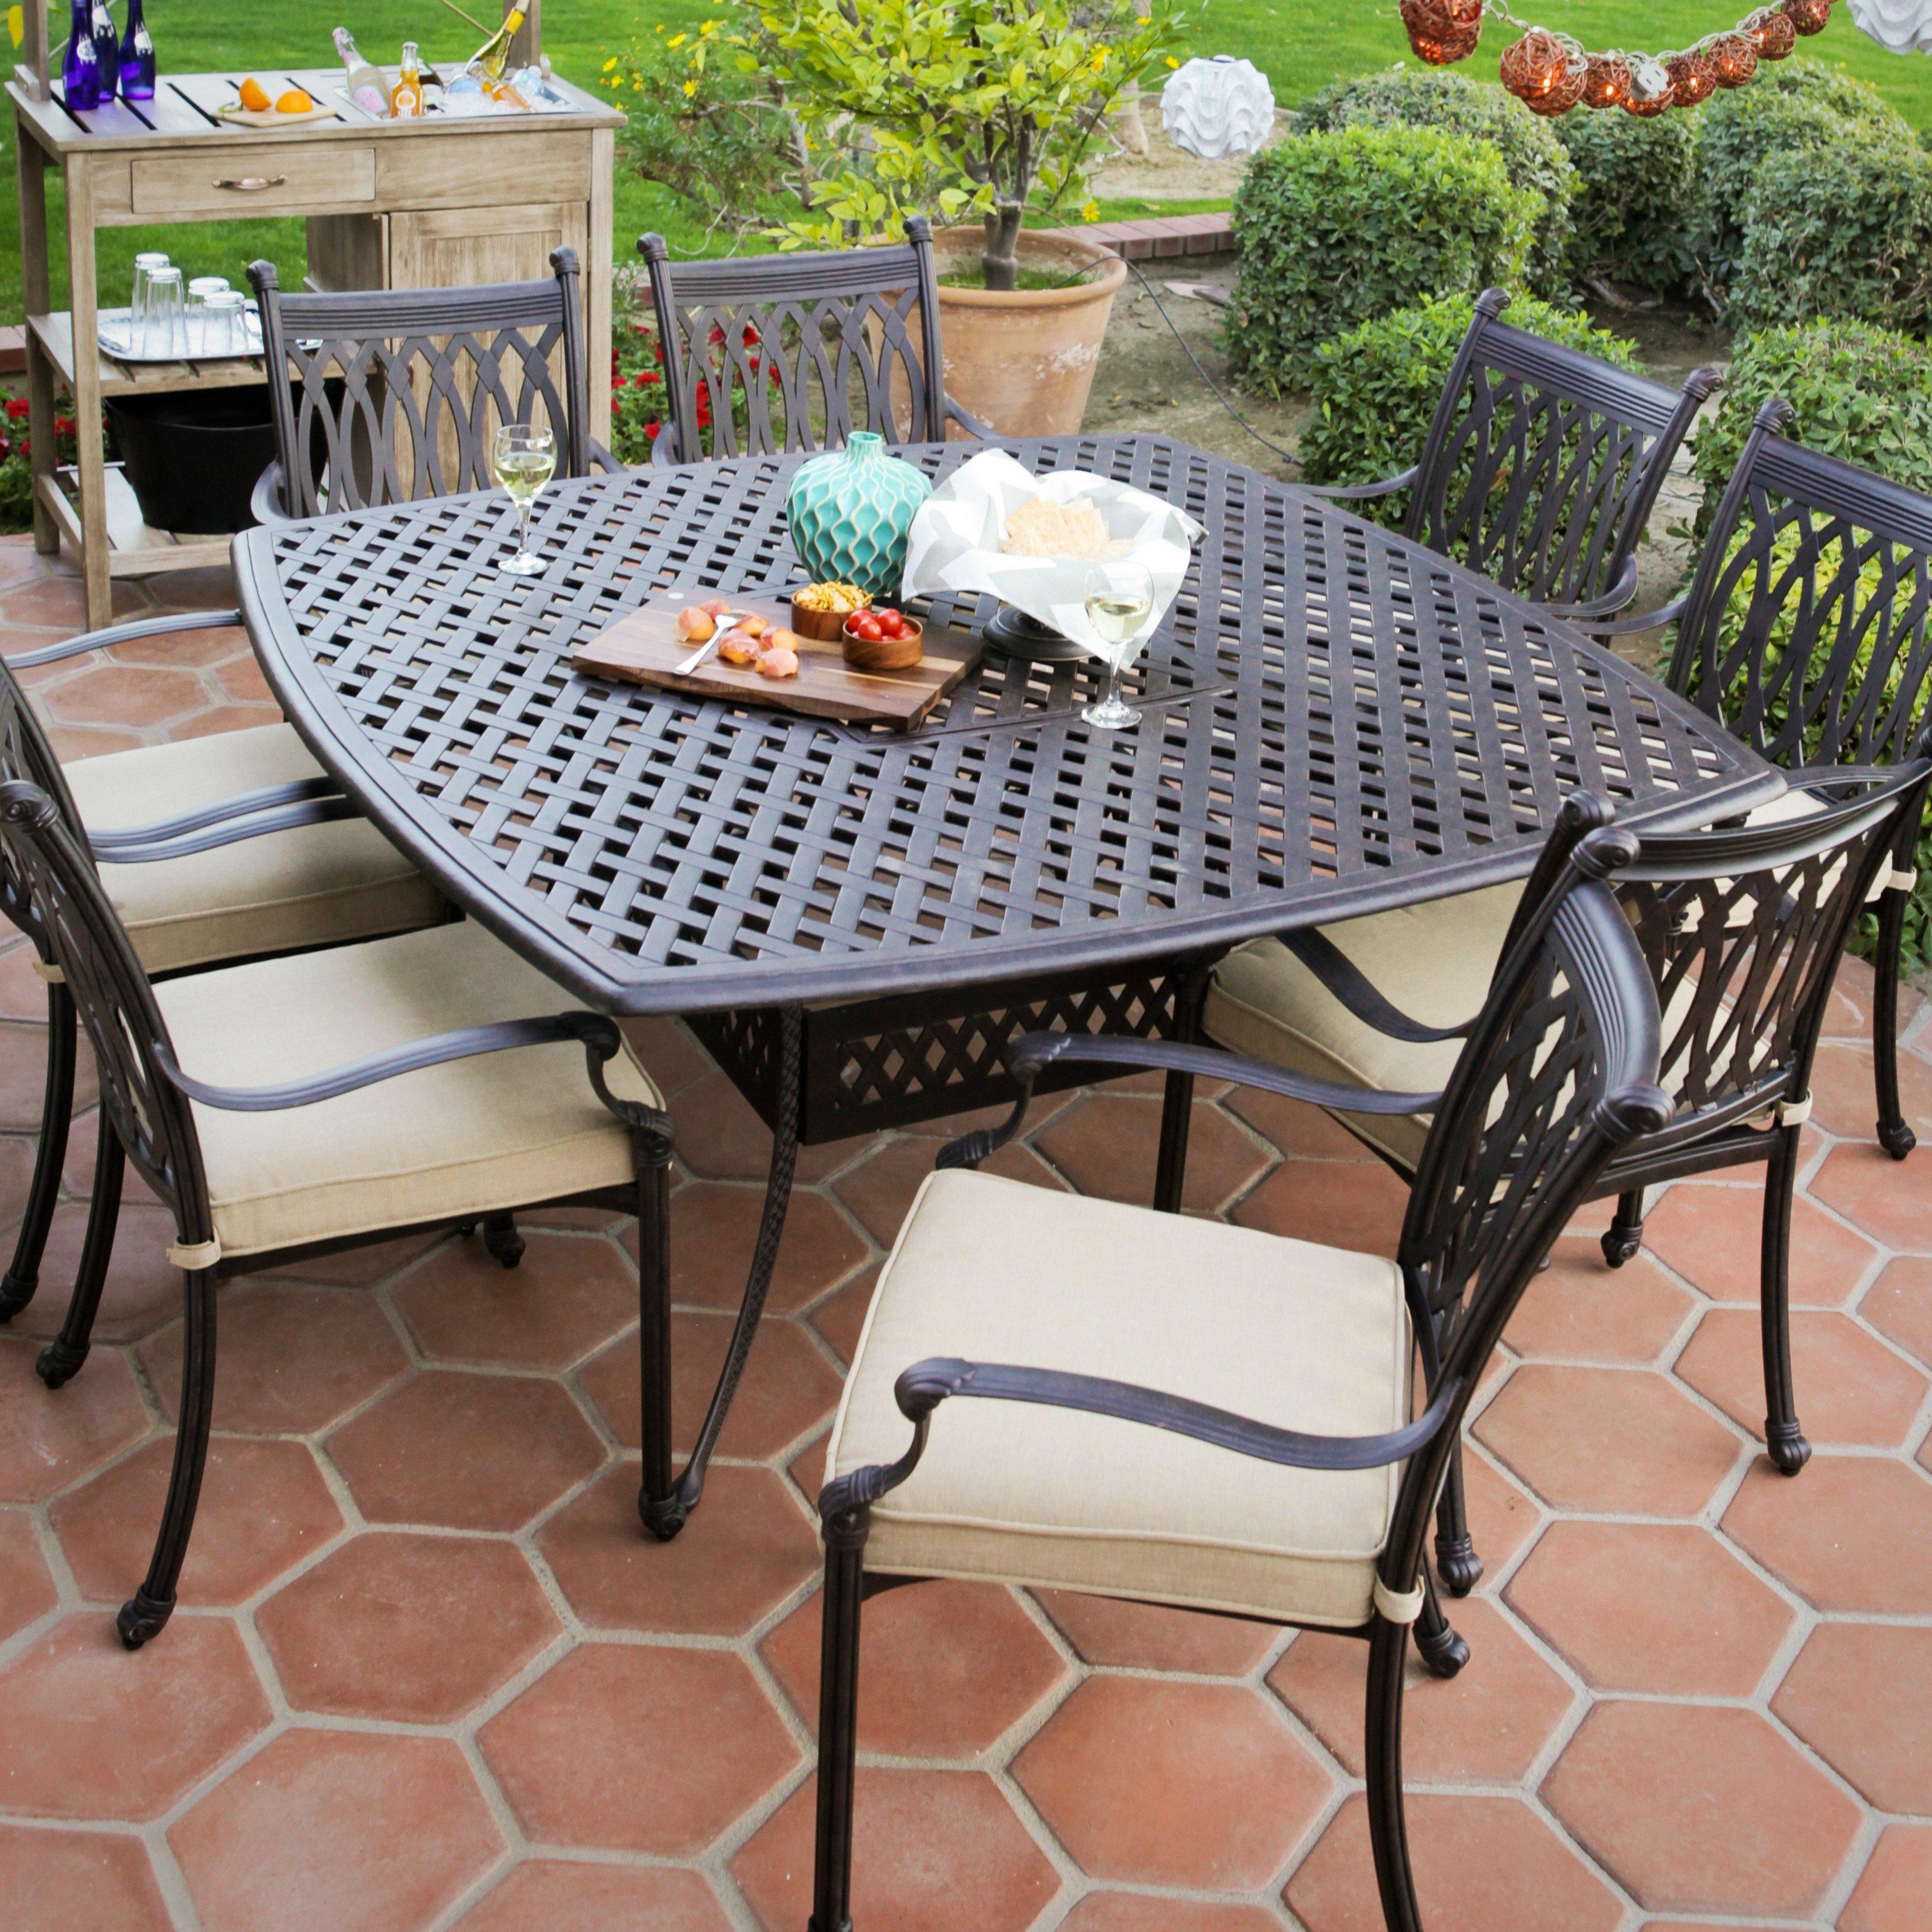 24 Terracotta Garden Floor Tiles in Pakistan Bathroom Floor Tiles Images.